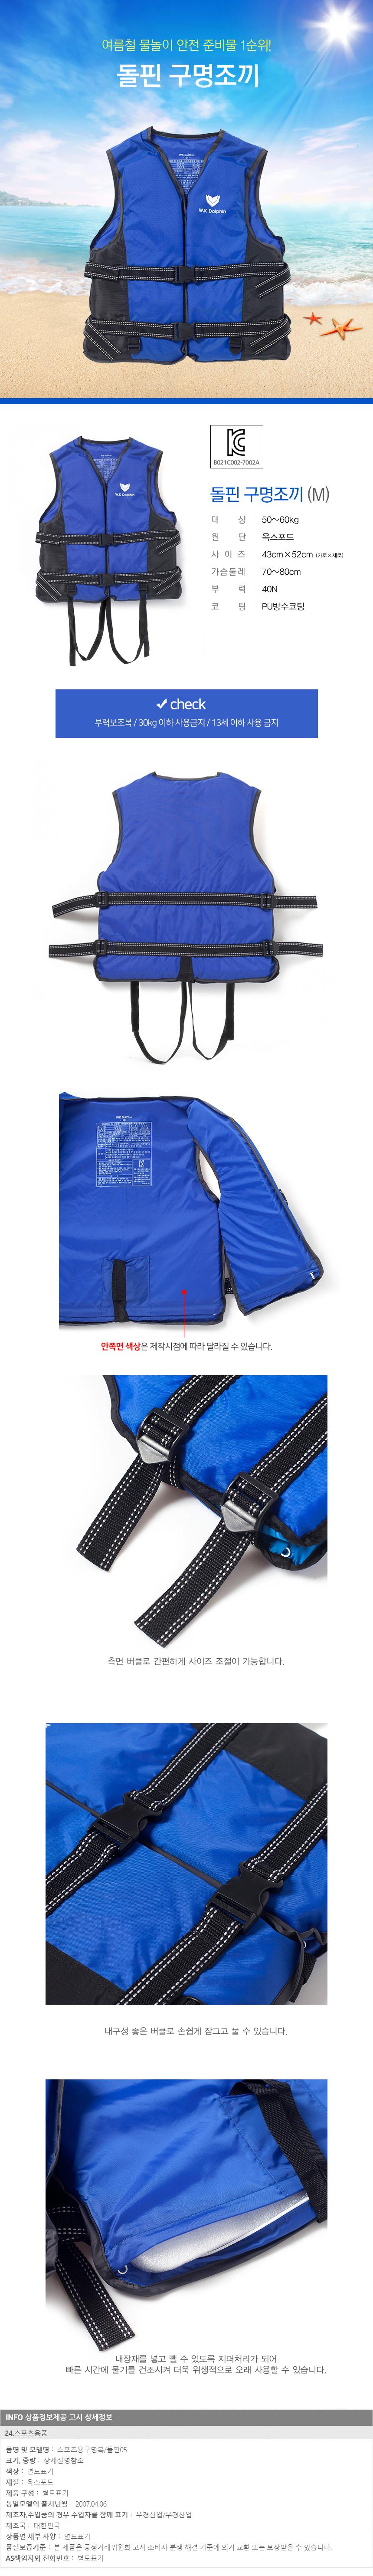 돌핀 블루 구명조끼(M)/국내생산 초등 중학생용 - 기프트갓, 15,820원, 튜브/구명조끼, 구명조끼